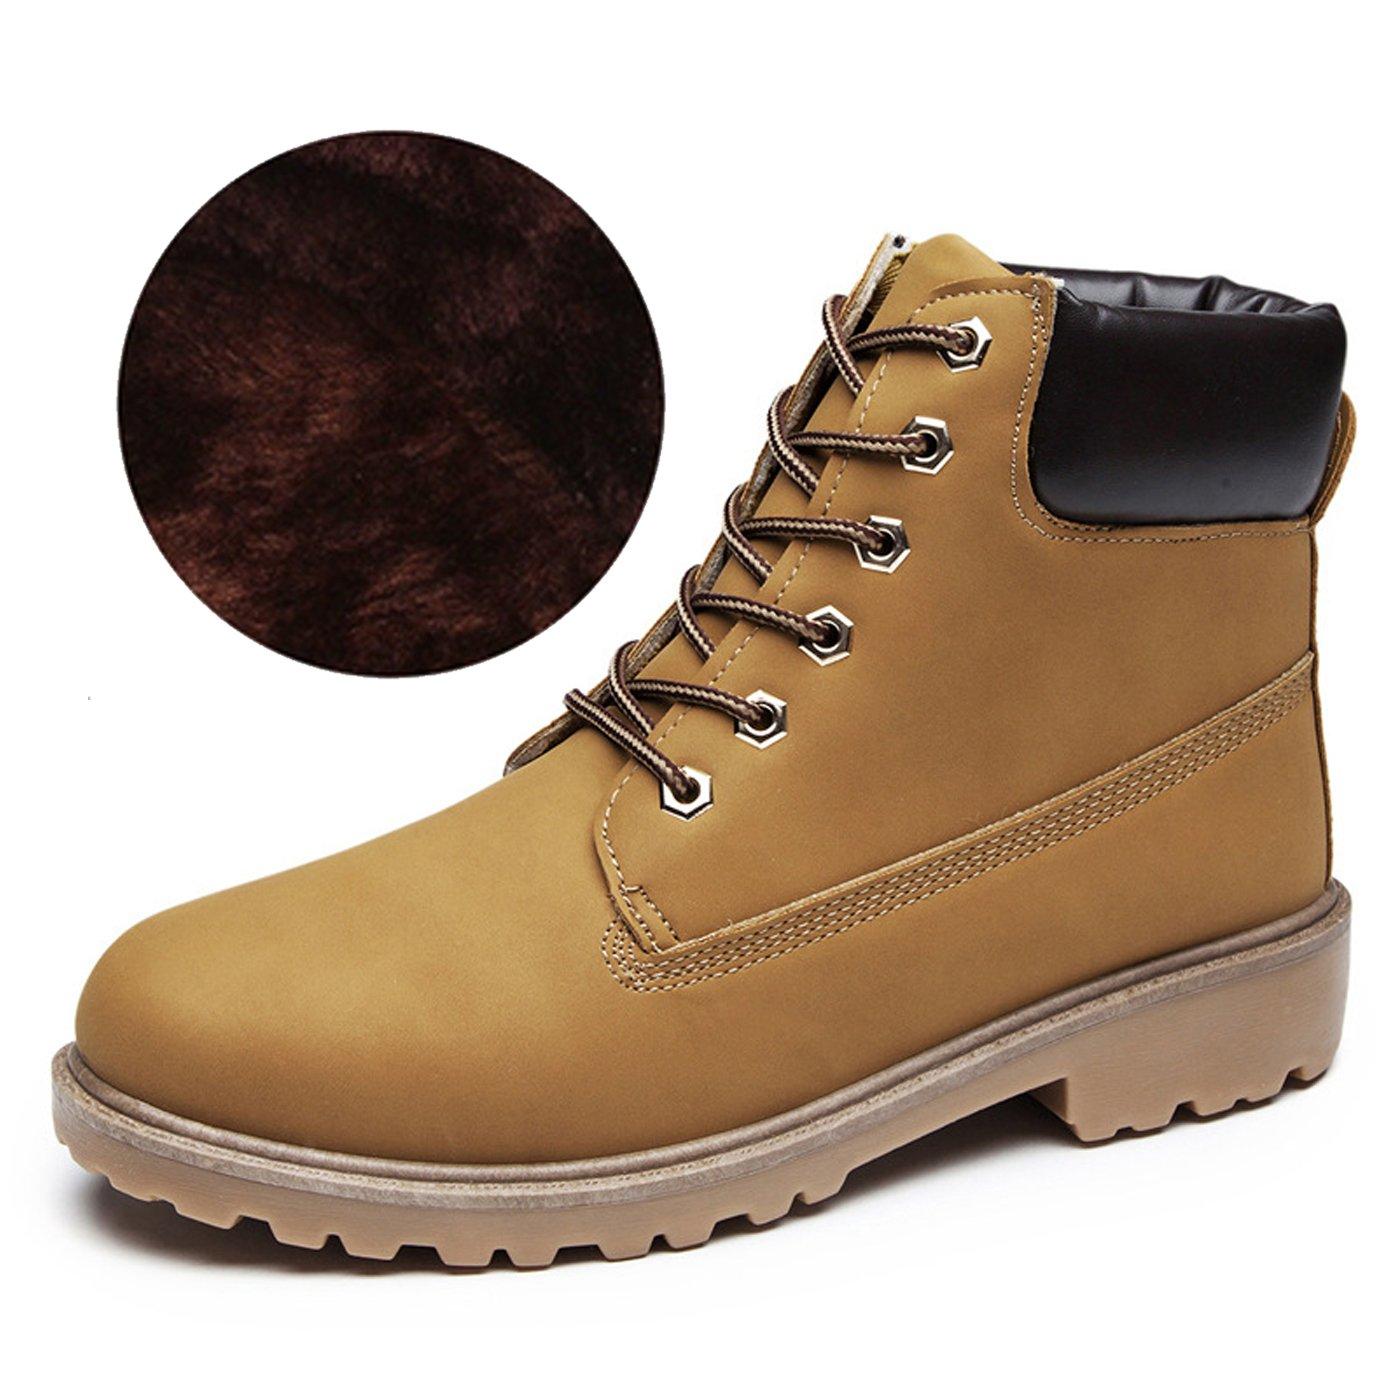 CHNHIRA Martin 10463 de Bottes Laine Boots de Cheval Chaussures Jaune Laine de Randonnée Couples Chaussure Montantes Femme Jaune F ddbf780 - reprogrammed.space